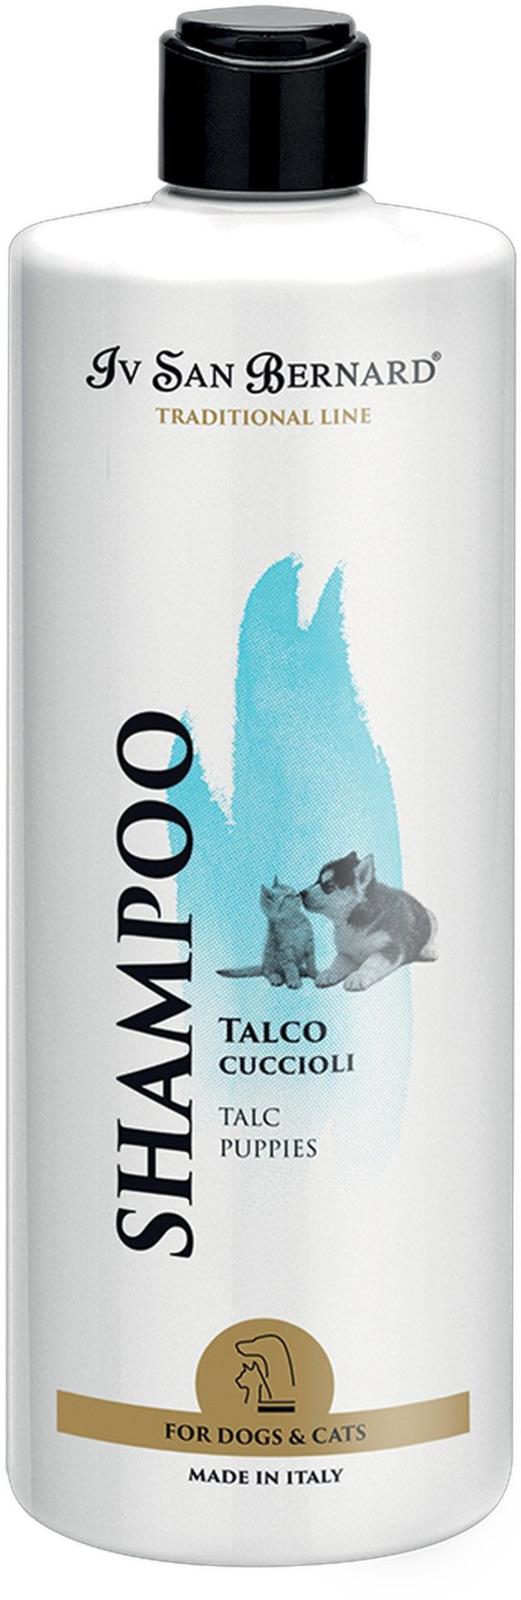 Шампунь для животных Iv San Bernard ISB Traditional Line Talc, для щенков и котят, 500 мл line шампунь